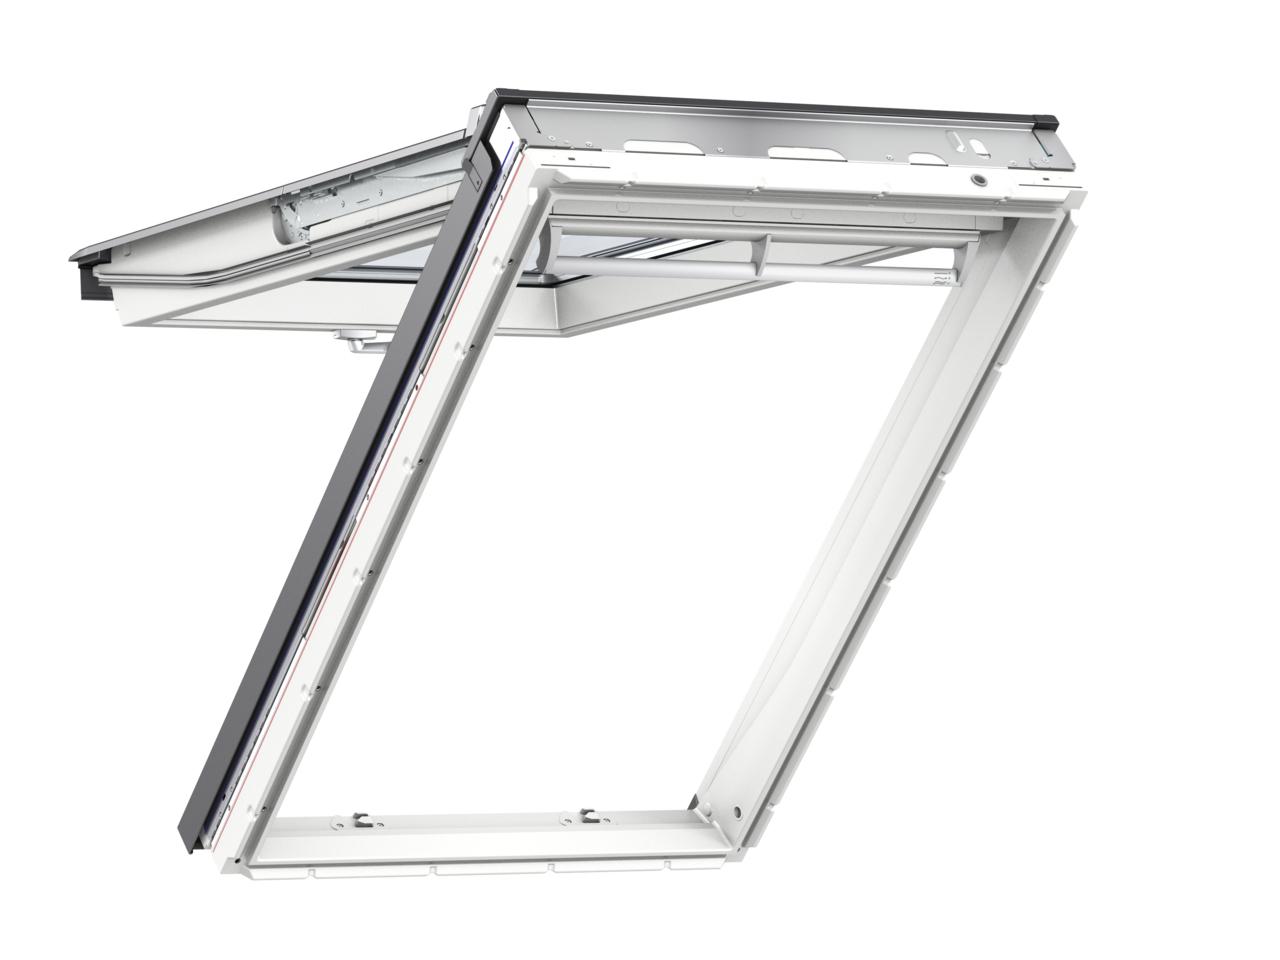 Výklopně-kyvné okno VELUX GPU 0068 rozměr: MK08 78x140 cm